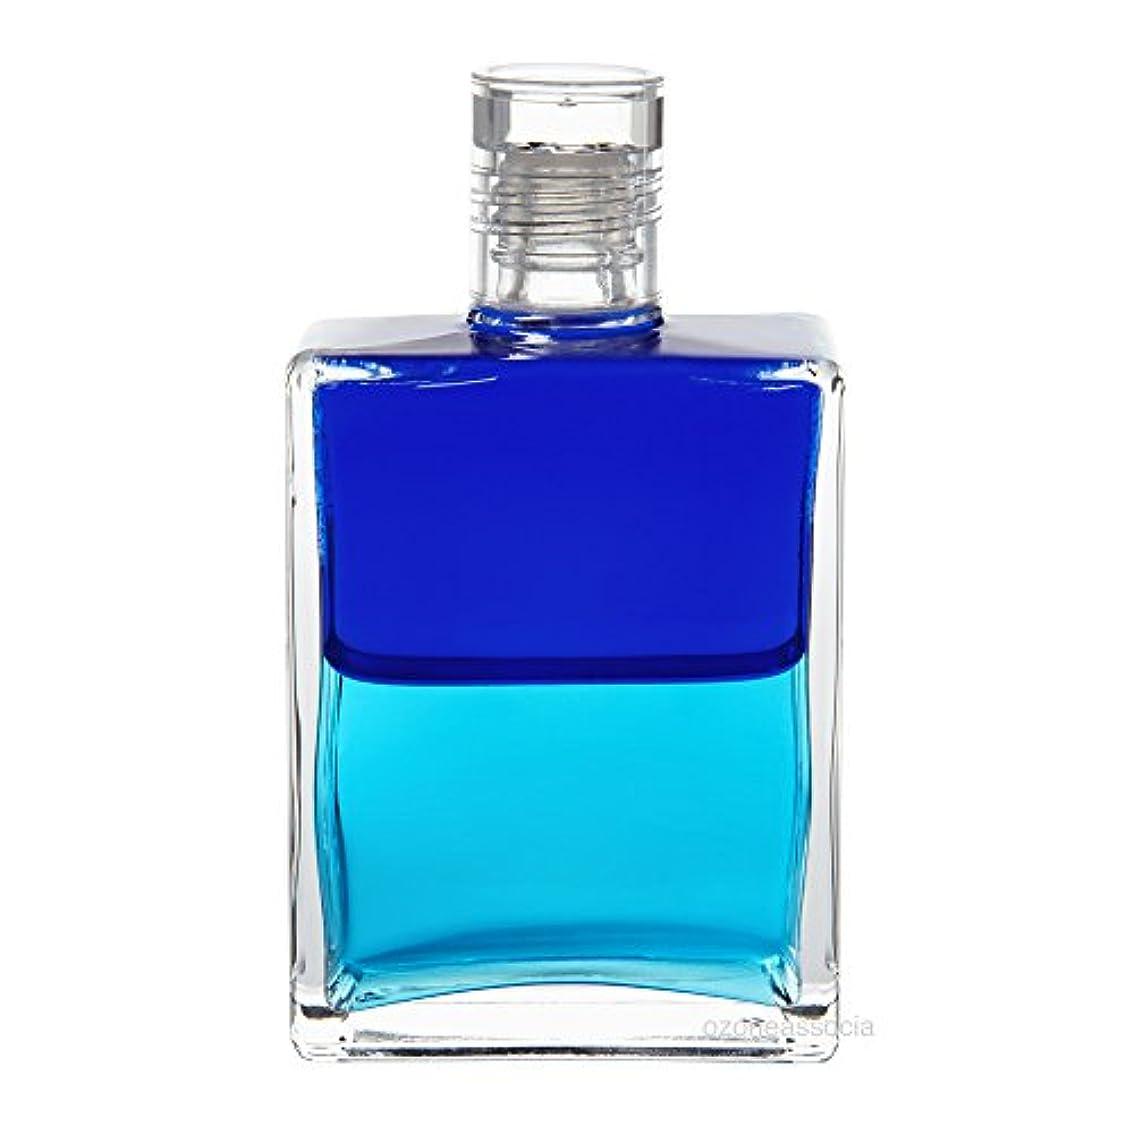 感謝している巻き戻す少年オーラソーマ ボトル 33番  ドルフィンボトル/目的をもった平和 (ロイヤルブルー/ターコイズ) イクイリブリアムボトル50ml Aurasoma